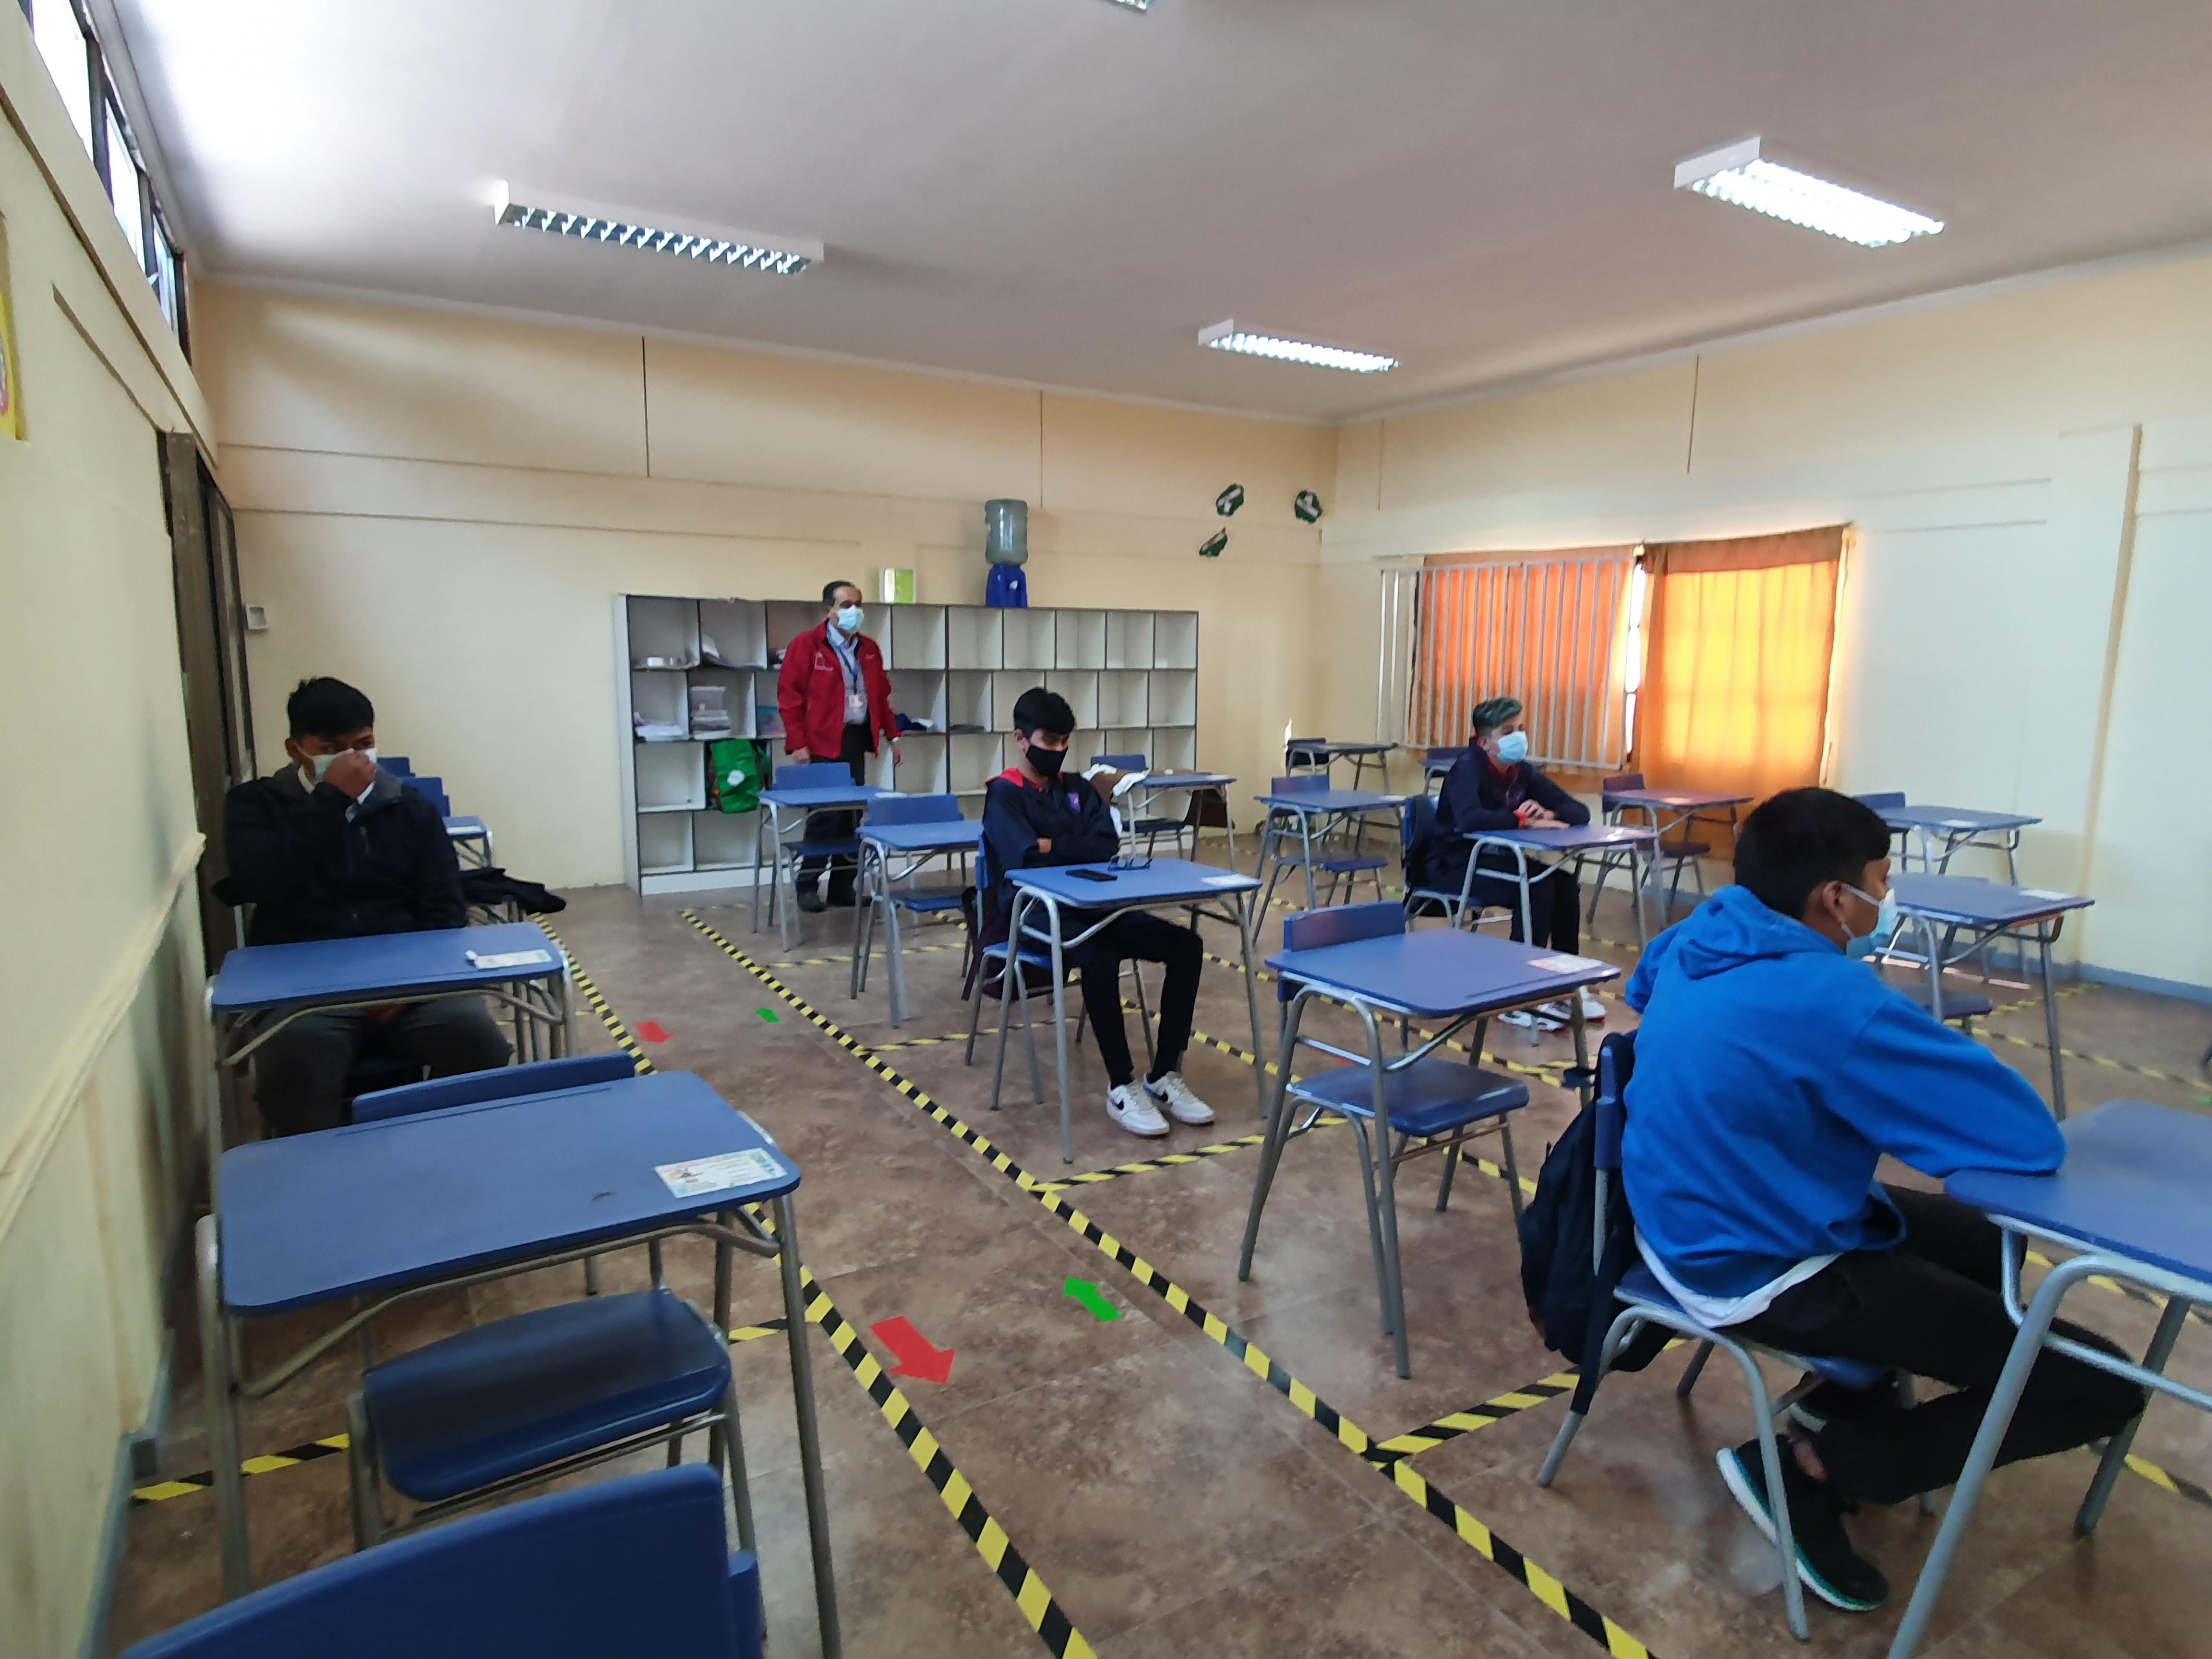 Autoridades dan inicio oficial a un año escolar 2021 que estará marcado por un retorno a clases seguro y flexible